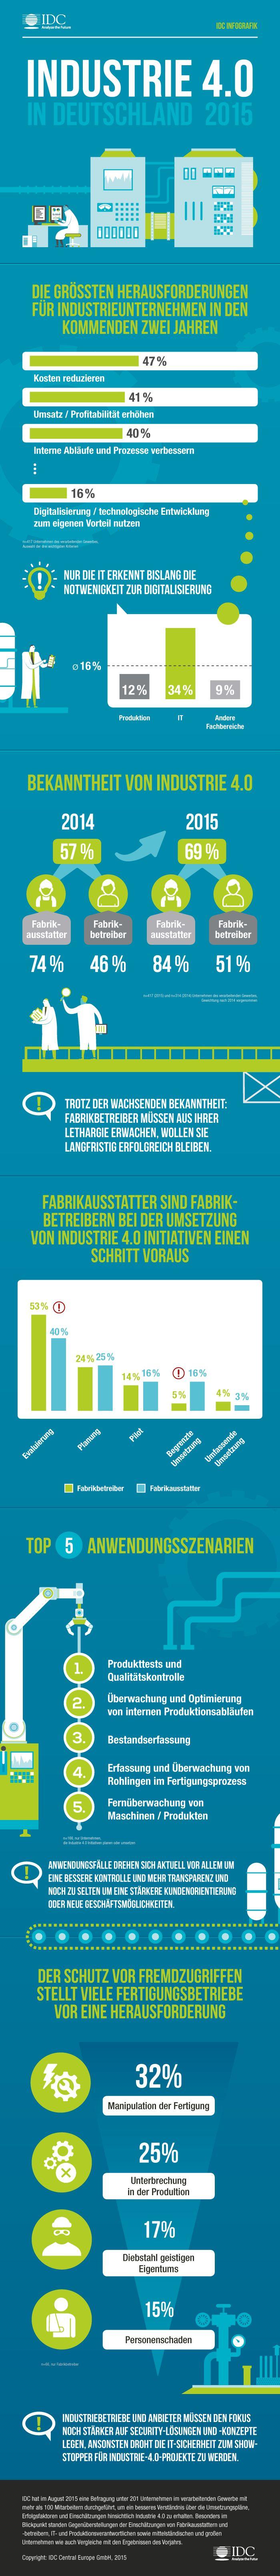 Industrie 4.0 in Deutschland: Nur jeder achte Produktionsverantwortliche sieht Notwendigkeit | Kroker's Look @ IT